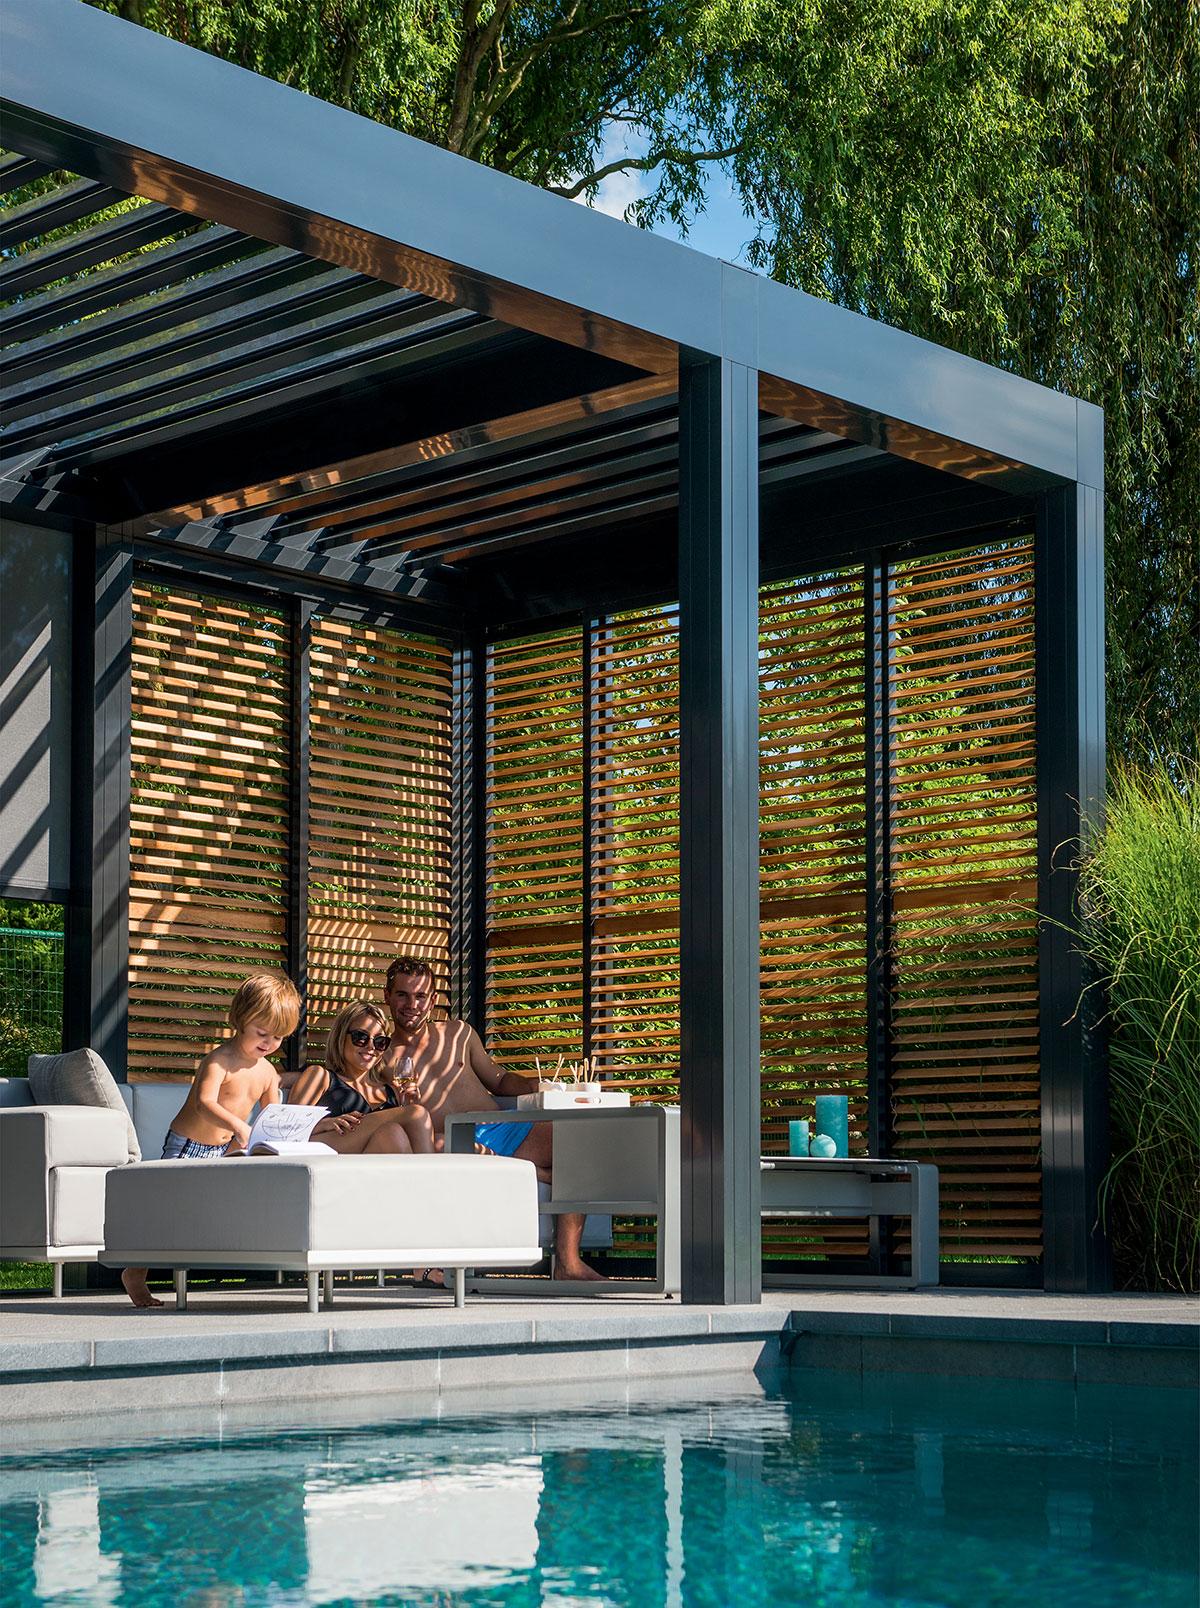 Piscine extéreire et terrasse avec pergola à lames